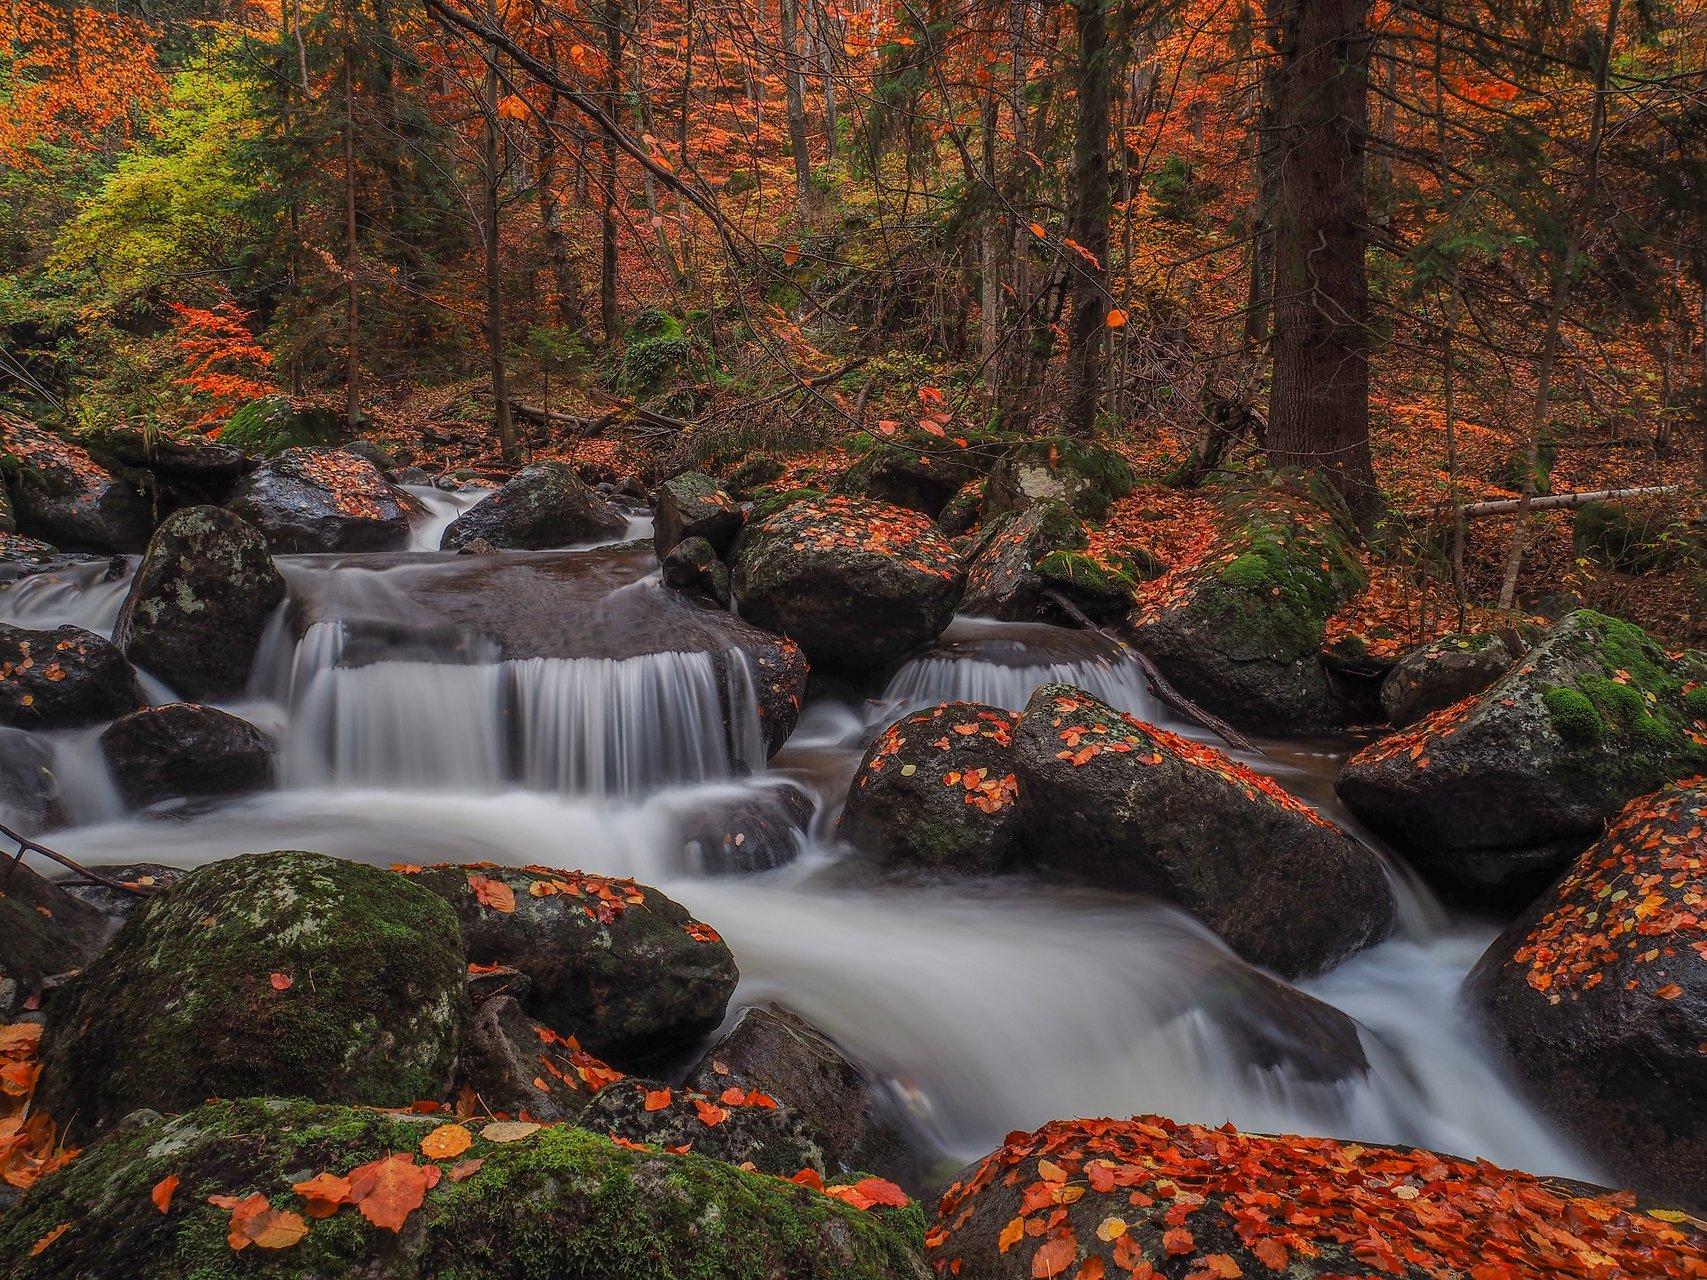 Още от Есента | Author Емил Младенов - carps | PHOTO FORUM